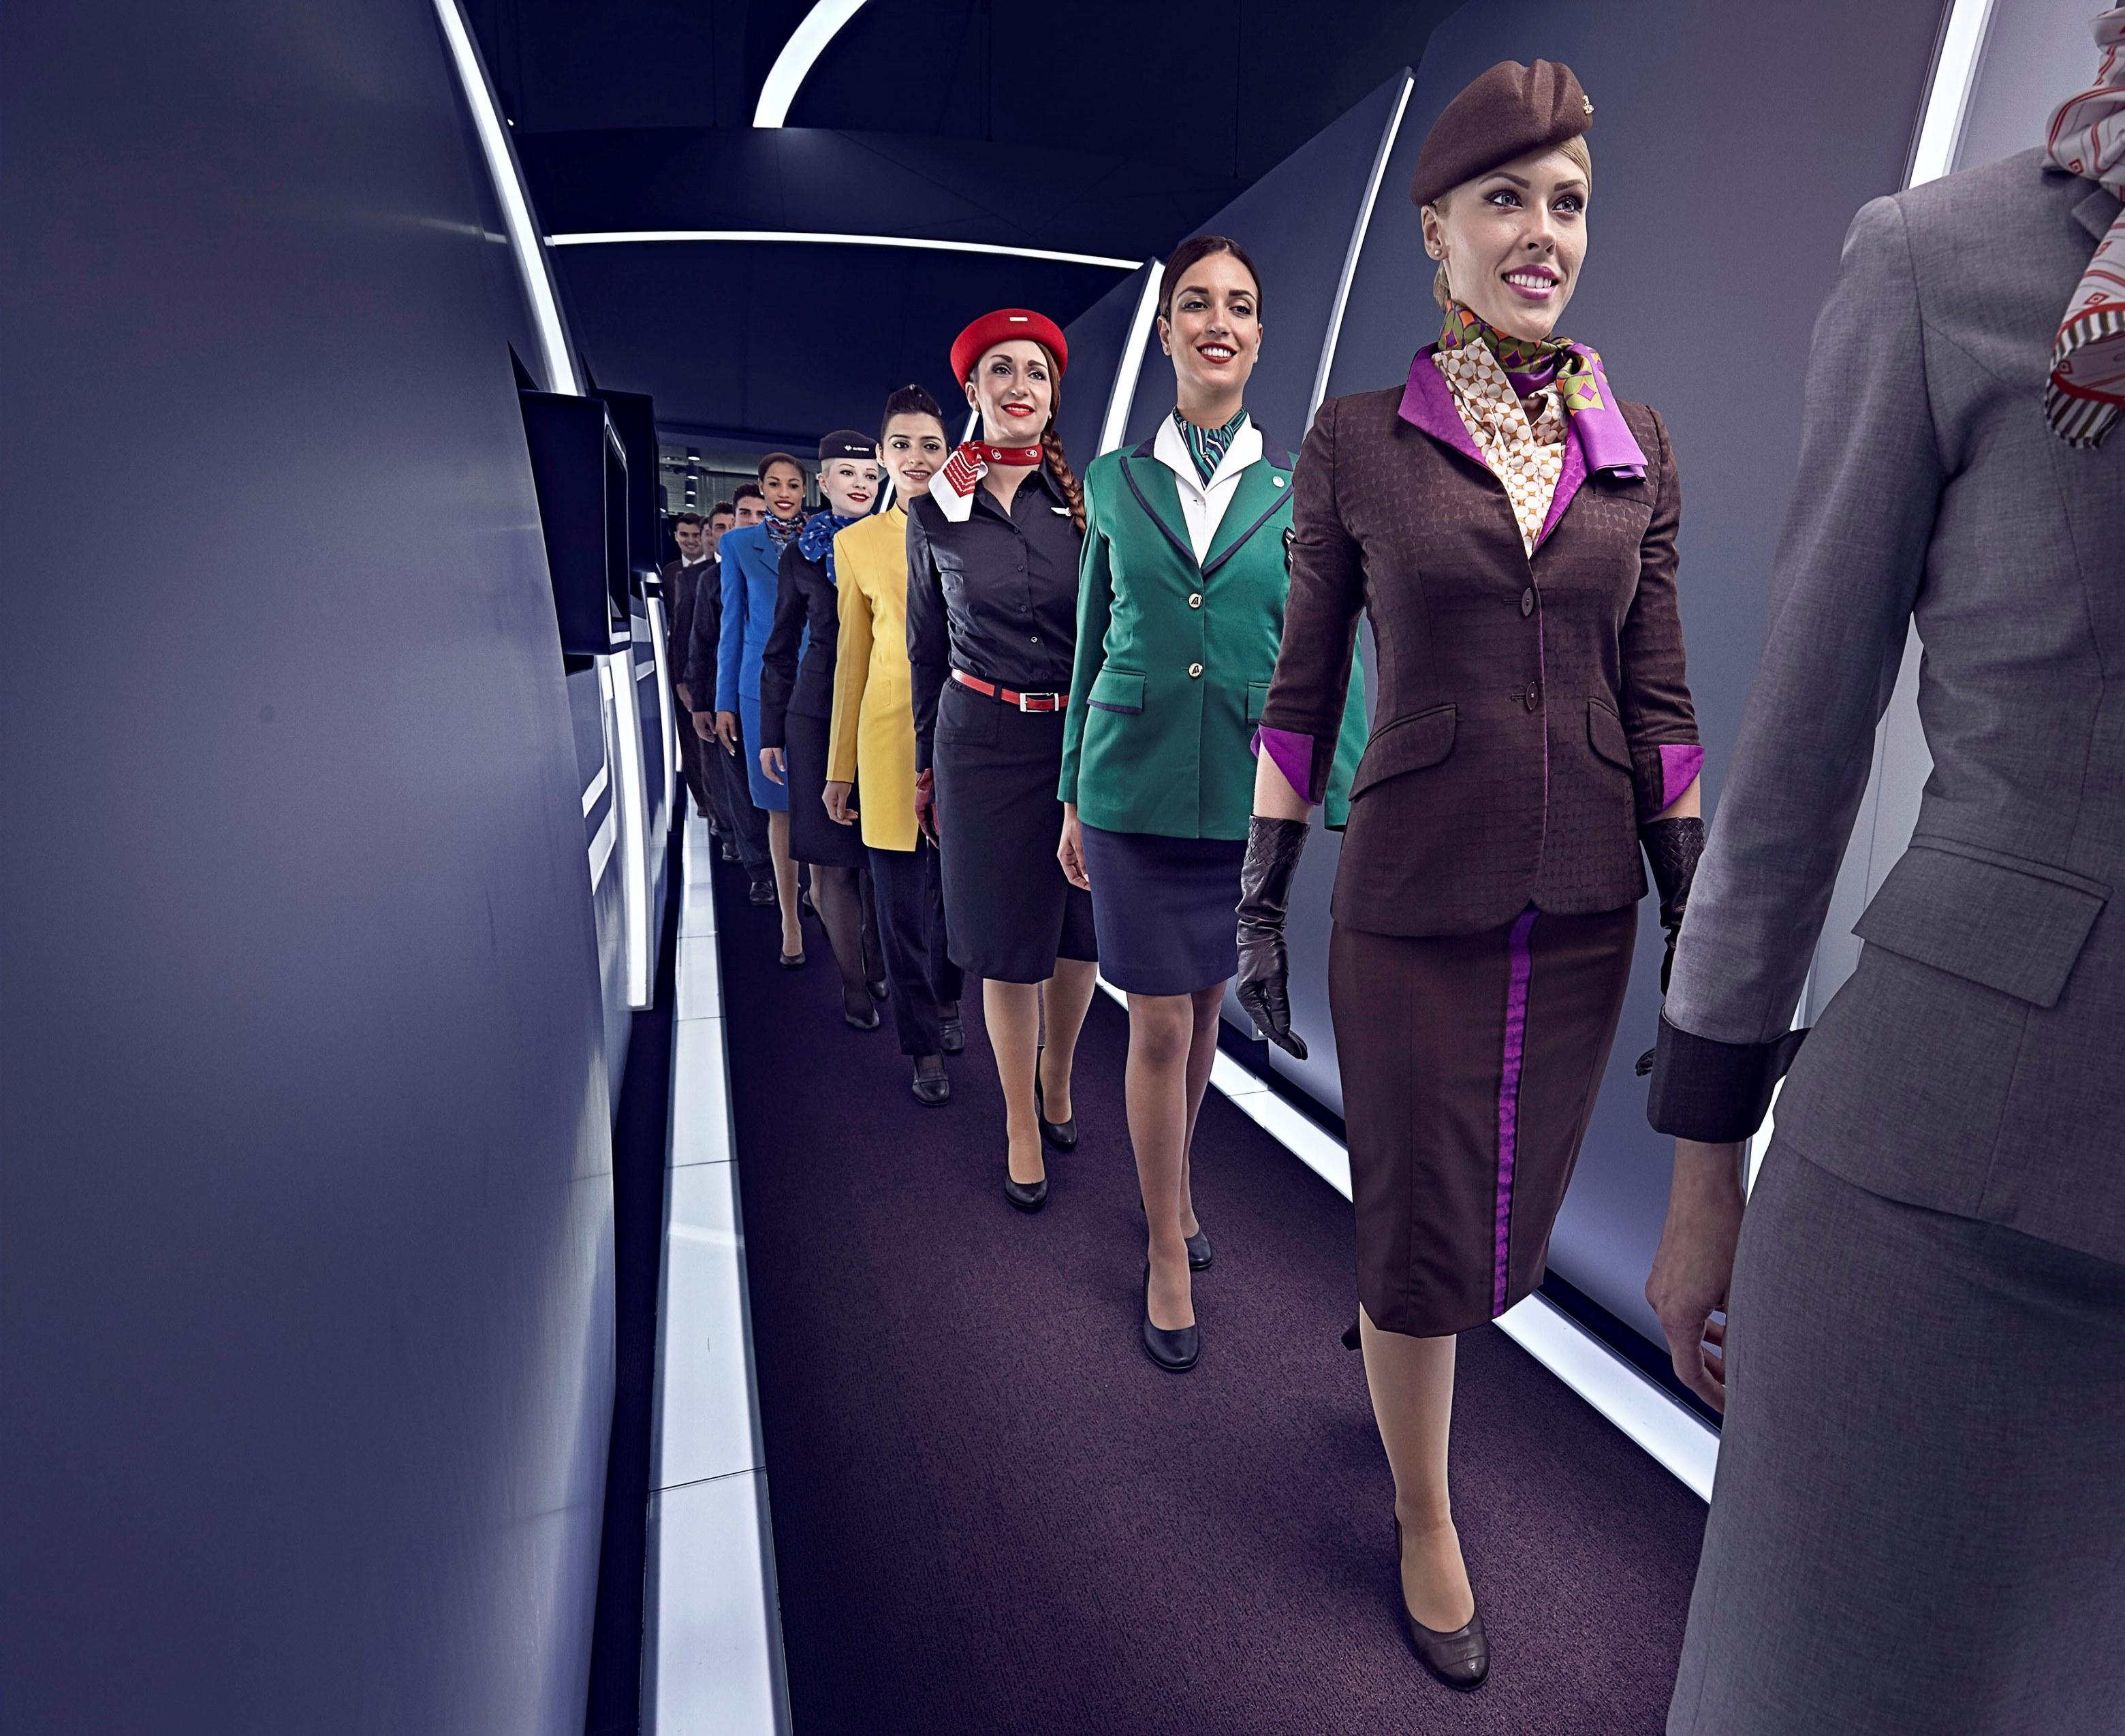 阿提哈德航空与国际时装周达成赞助协议